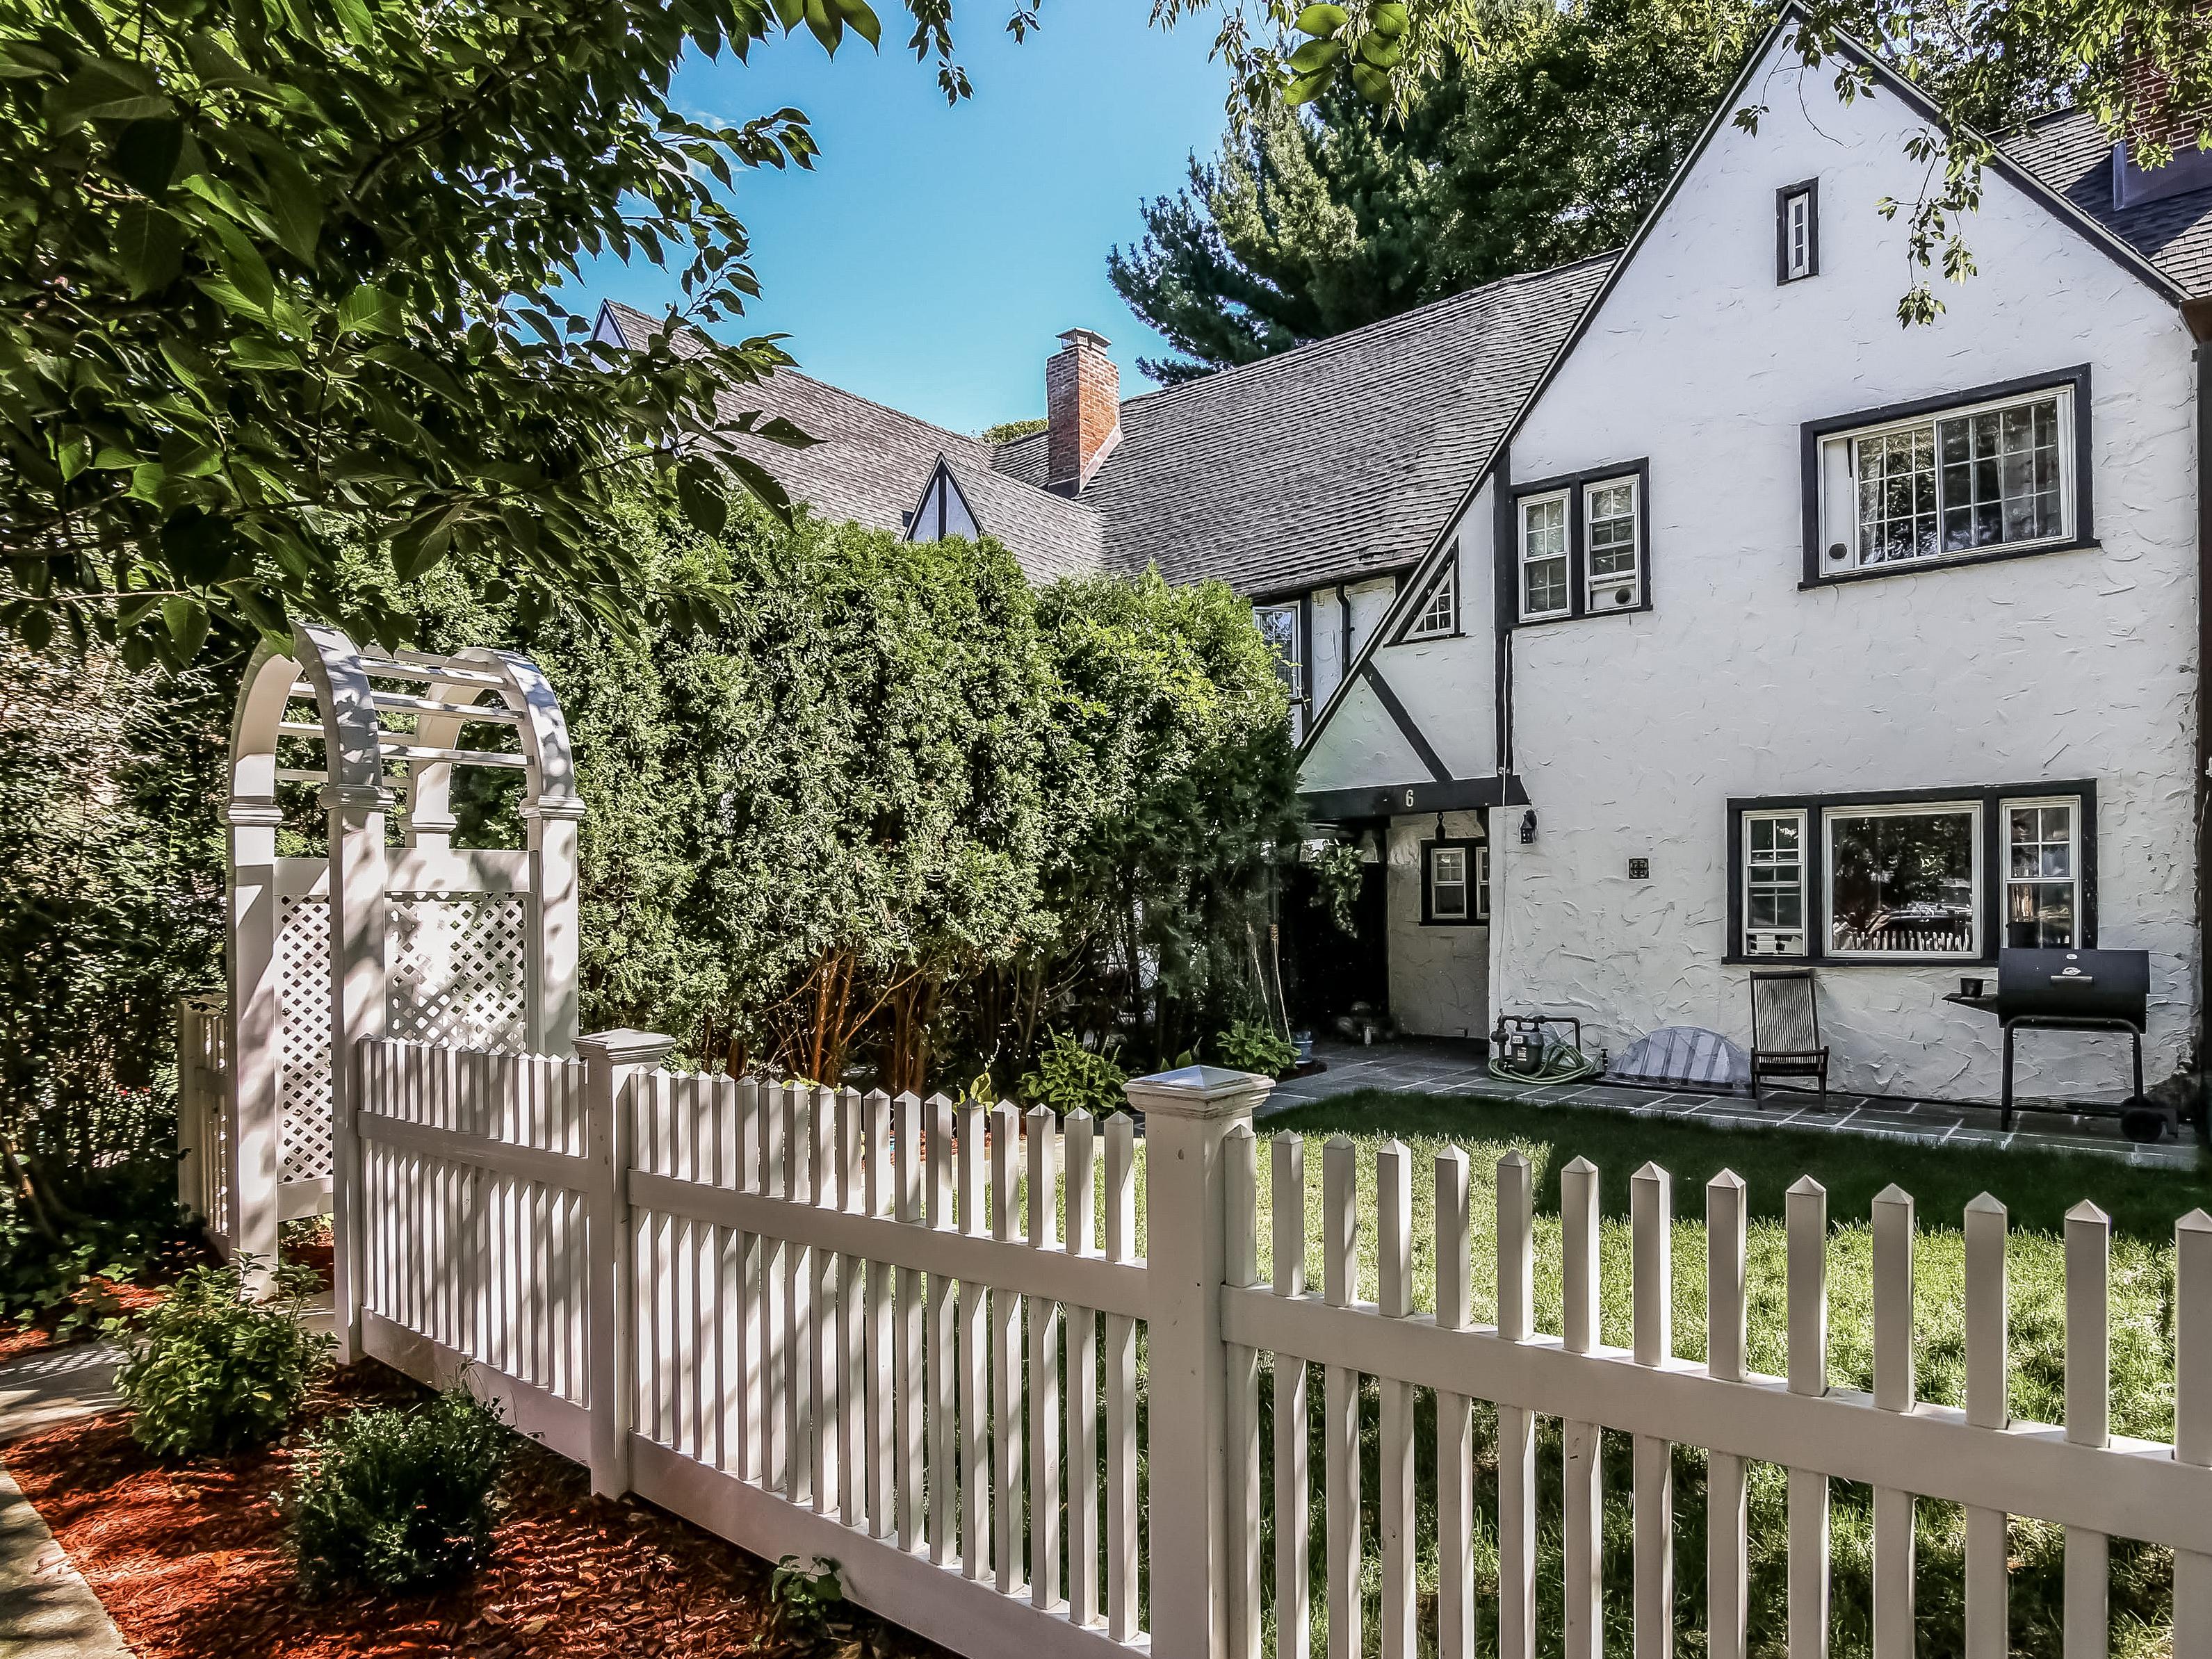 一戸建て のために 売買 アット Picturesque Storybook Home 6 Pell Place Pelham, ニューヨーク, 10803 アメリカ合衆国